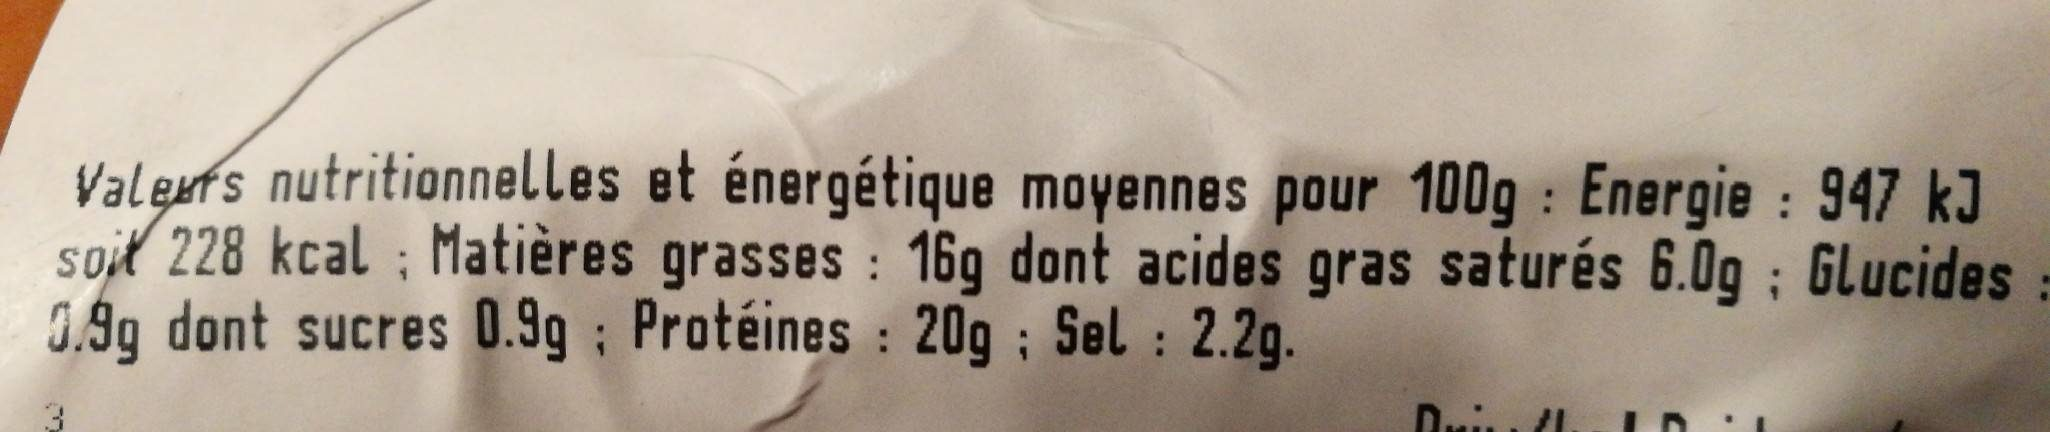 Saucisson à l'ail - Informations nutritionnelles